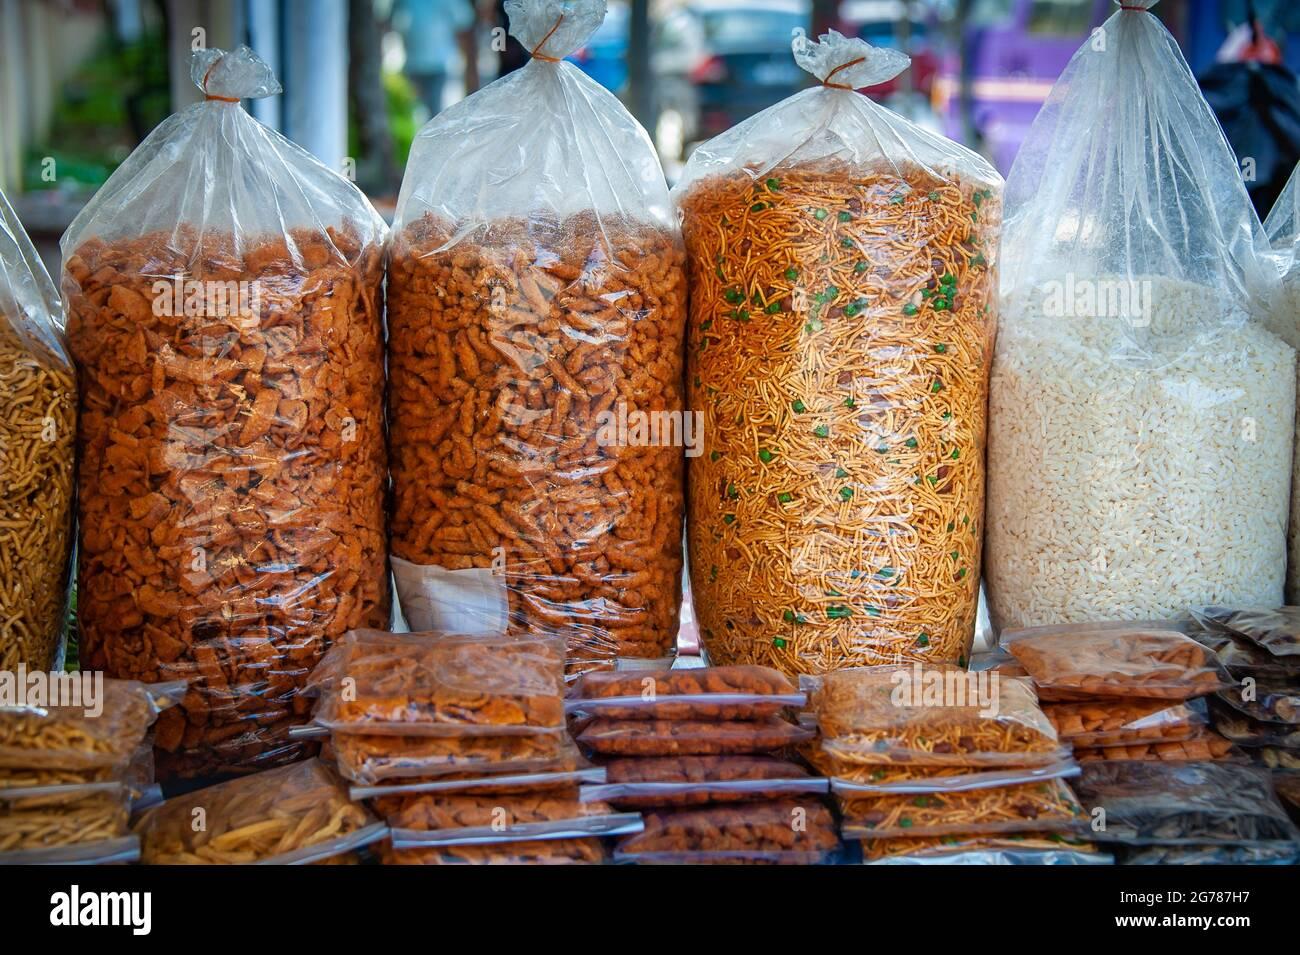 Des biscuits salés sont exposés dans un marché de rue, un mélange de collations orientales traditionnelles servi comme apéritif ou comme accompagnement de boissons Banque D'Images